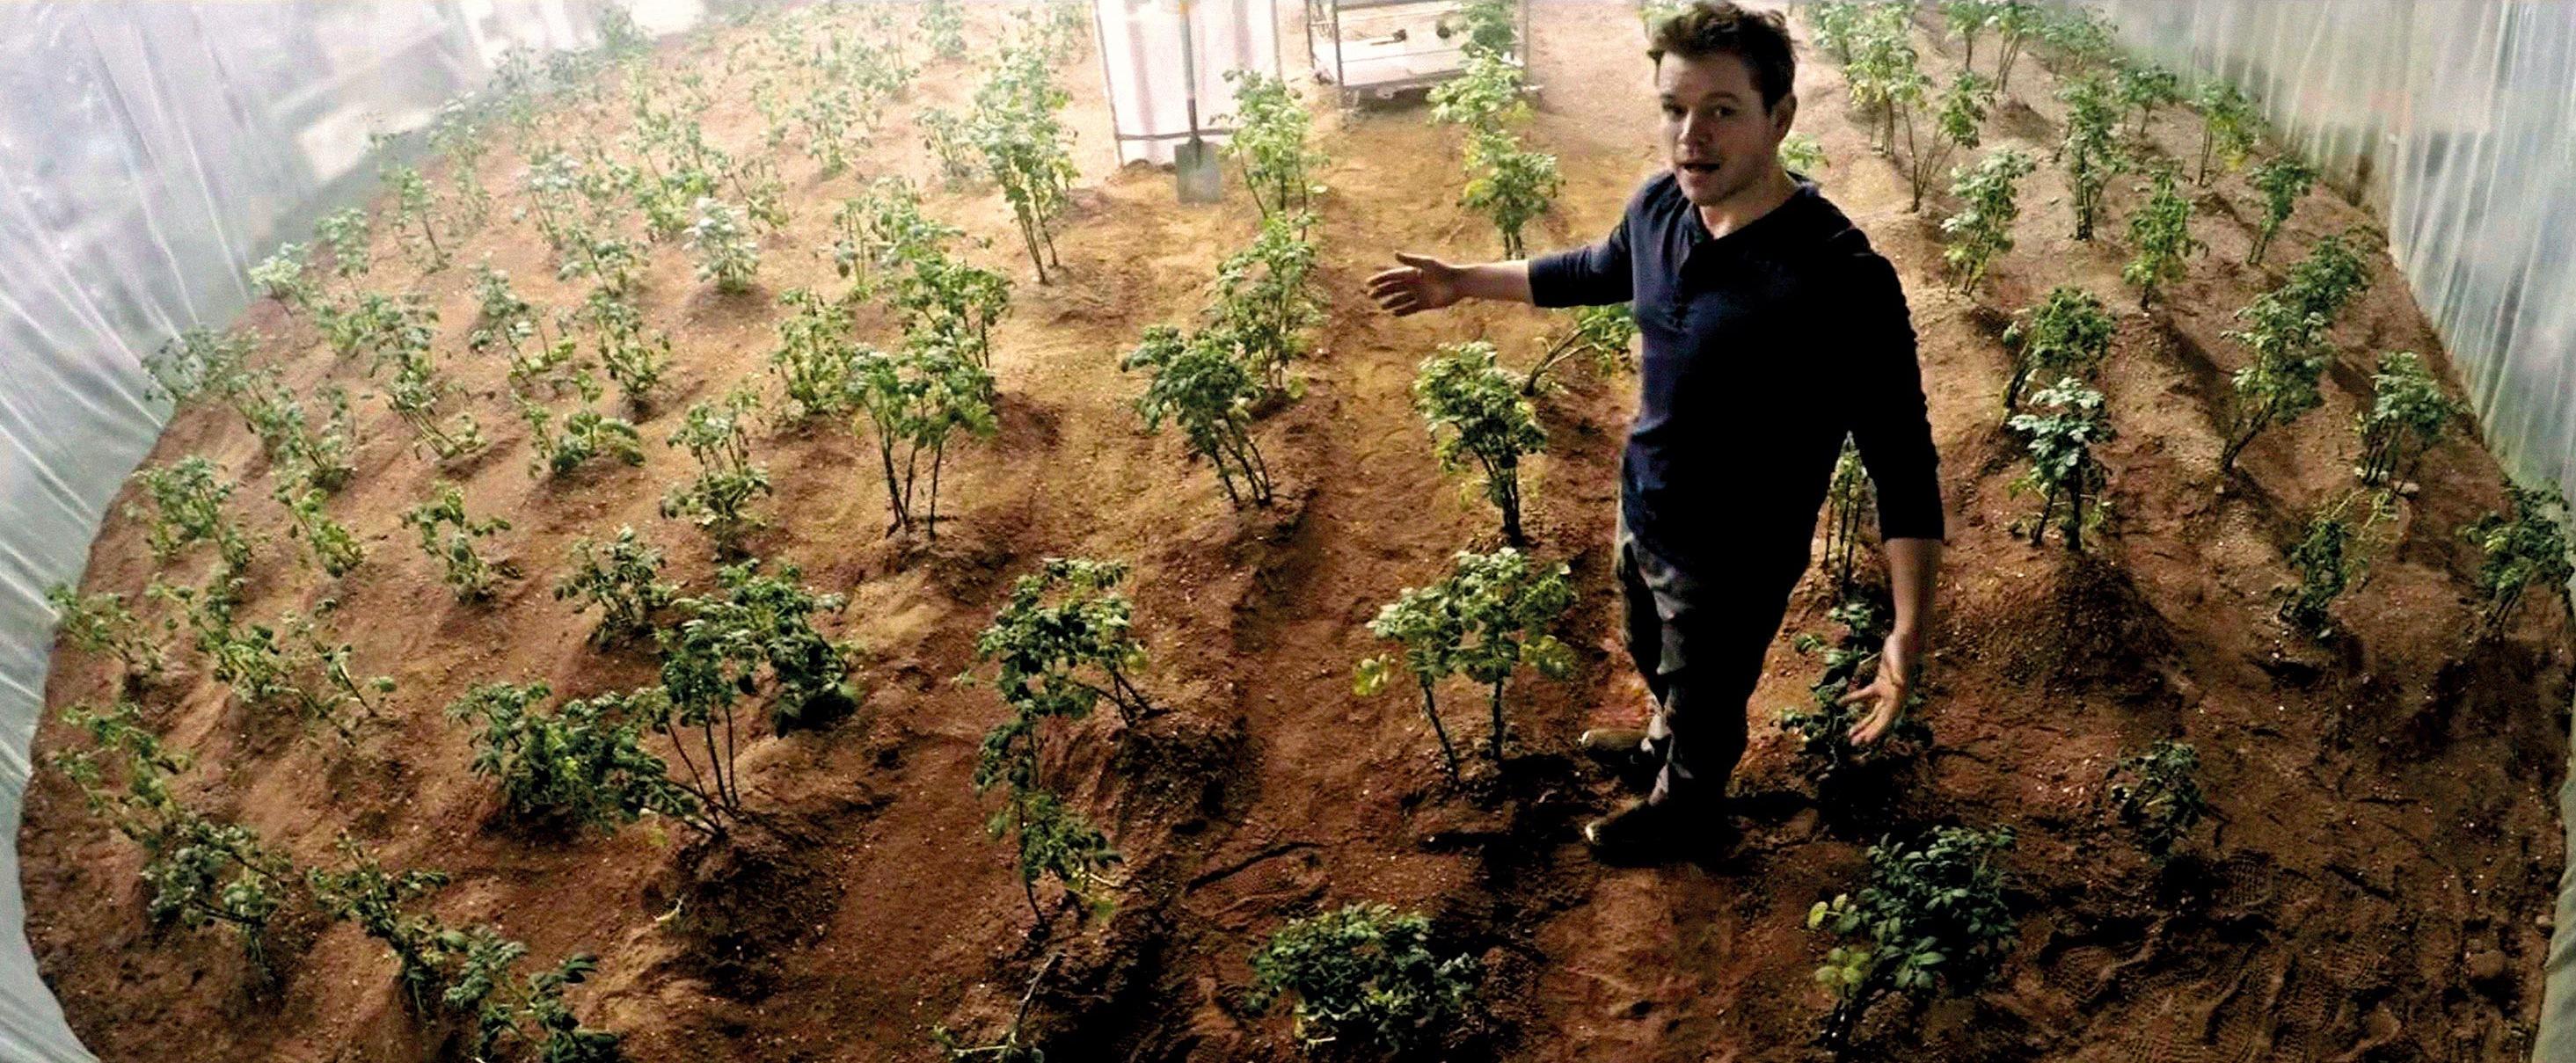 La serre de Mark Watney dans le film Seul sur Mars (2015).